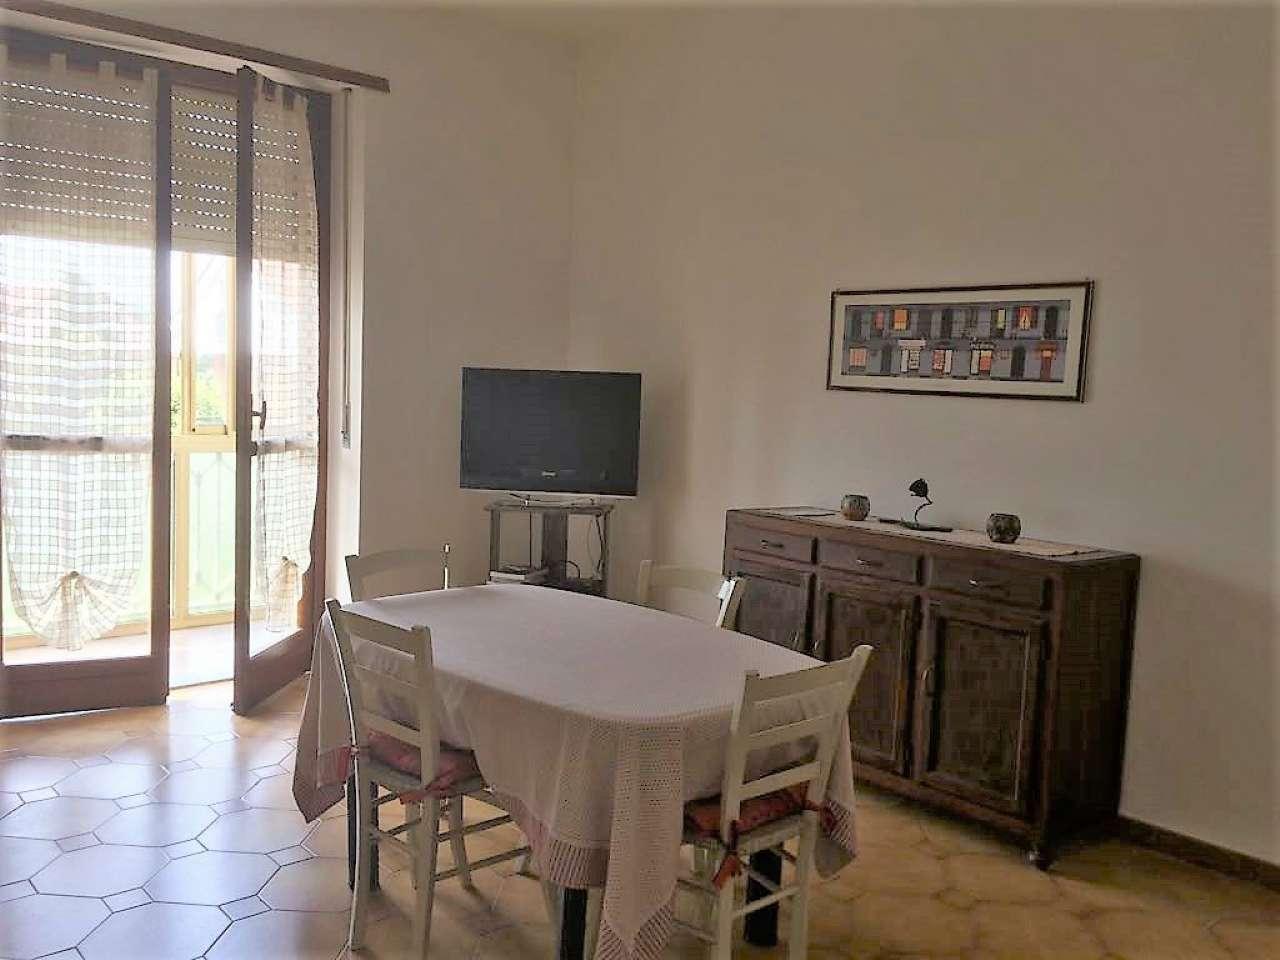 Appartamento in affitto a Candiolo, 2 locali, zona Località: Centrale, prezzo € 400 | PortaleAgenzieImmobiliari.it